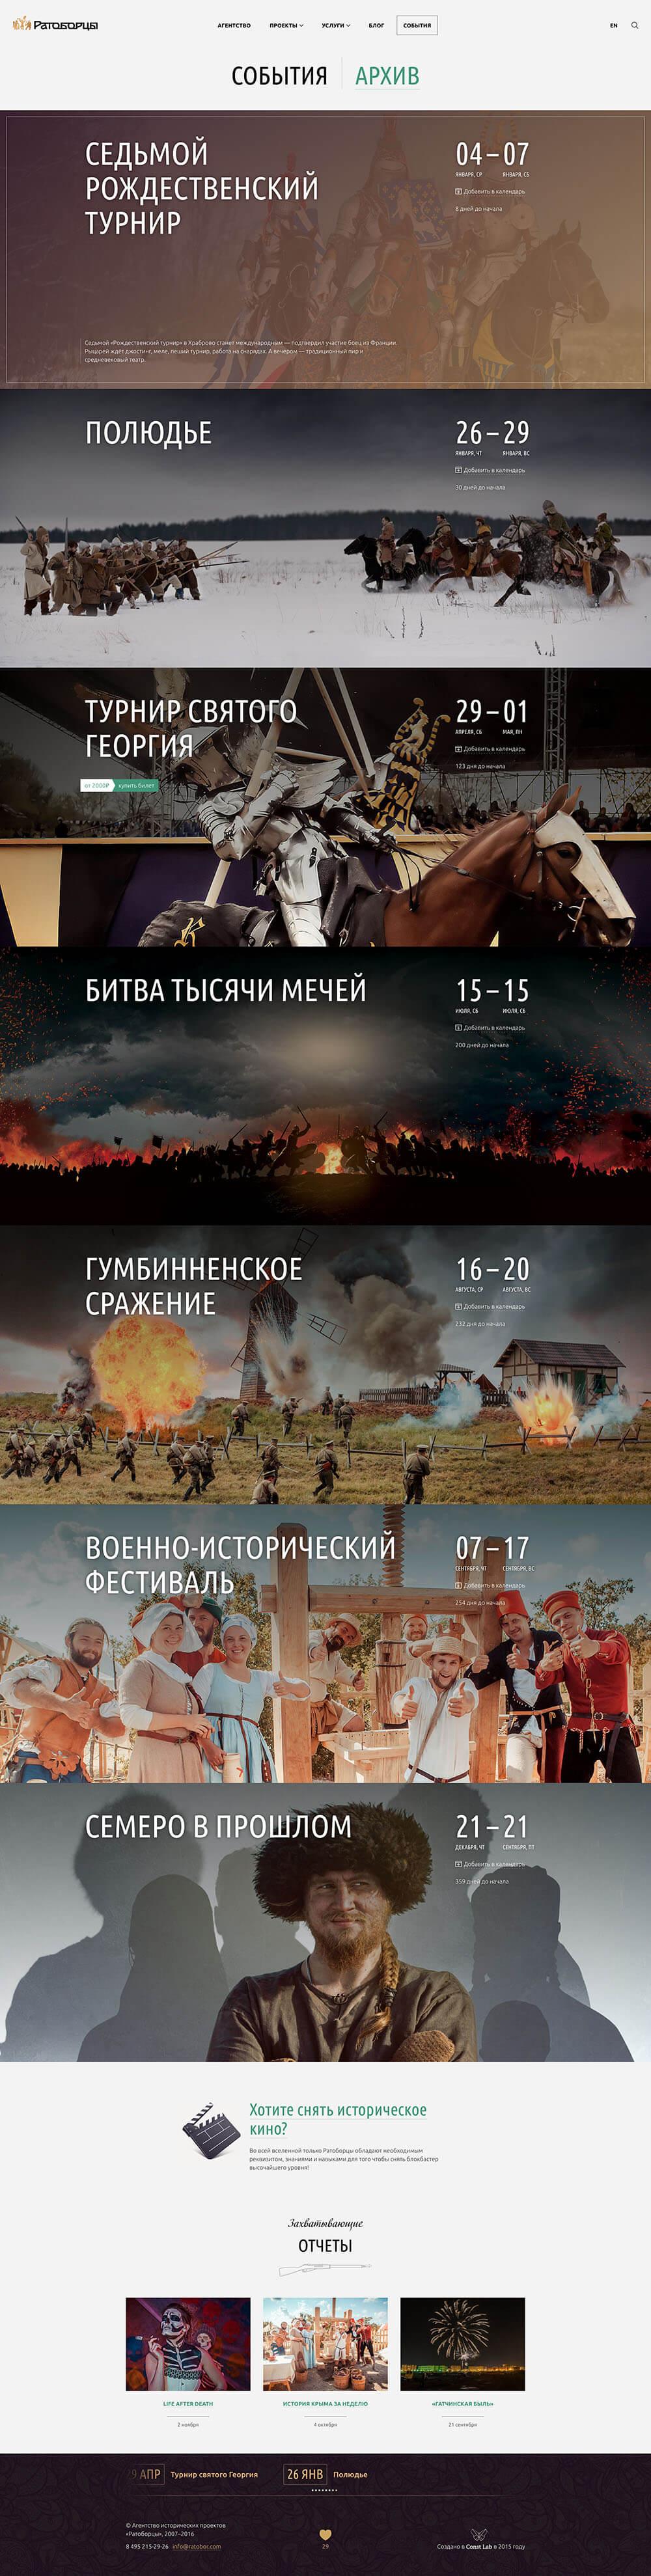 Ратоборцы — календарь